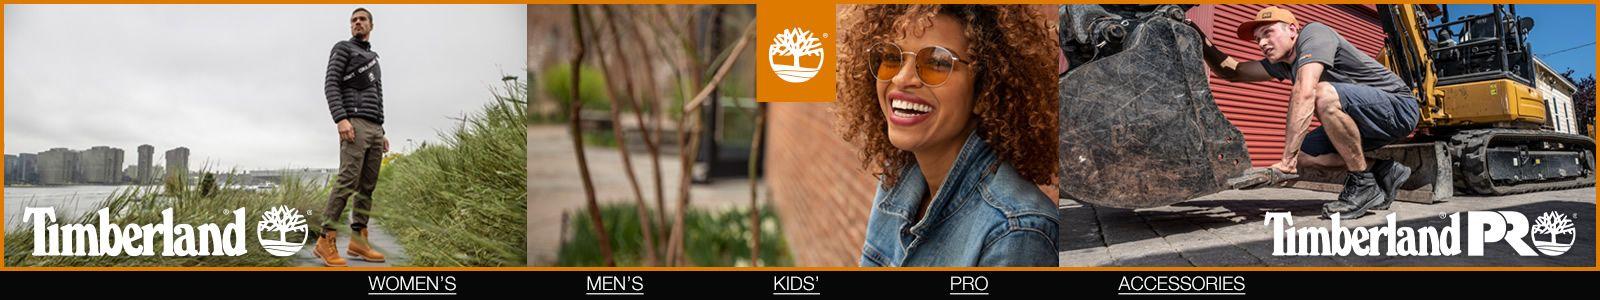 Timberland, Women's Men's Kid's Pro Accessories